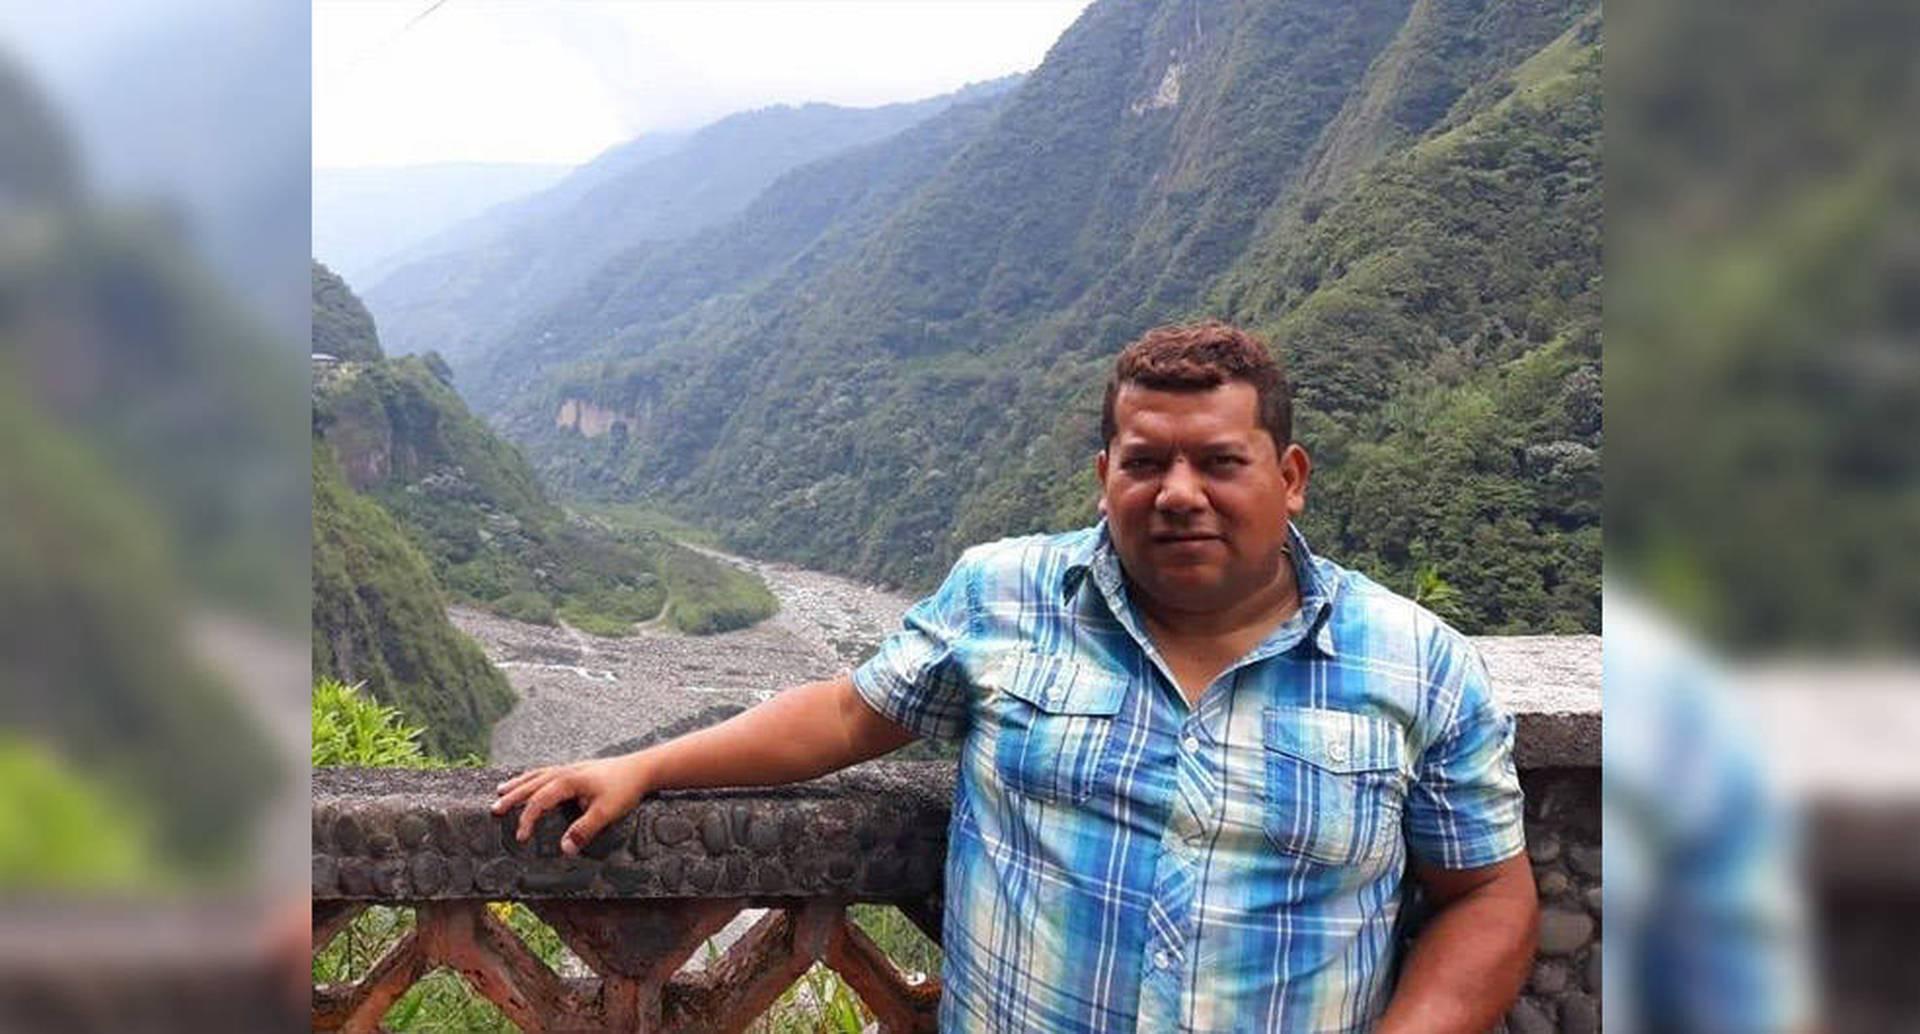 El profesor universitario Lerber Dimas Vásquez es investigador del fenómeno de la violencia y grupos armados ilegales en la Sierra Nevada de Santa Marta.